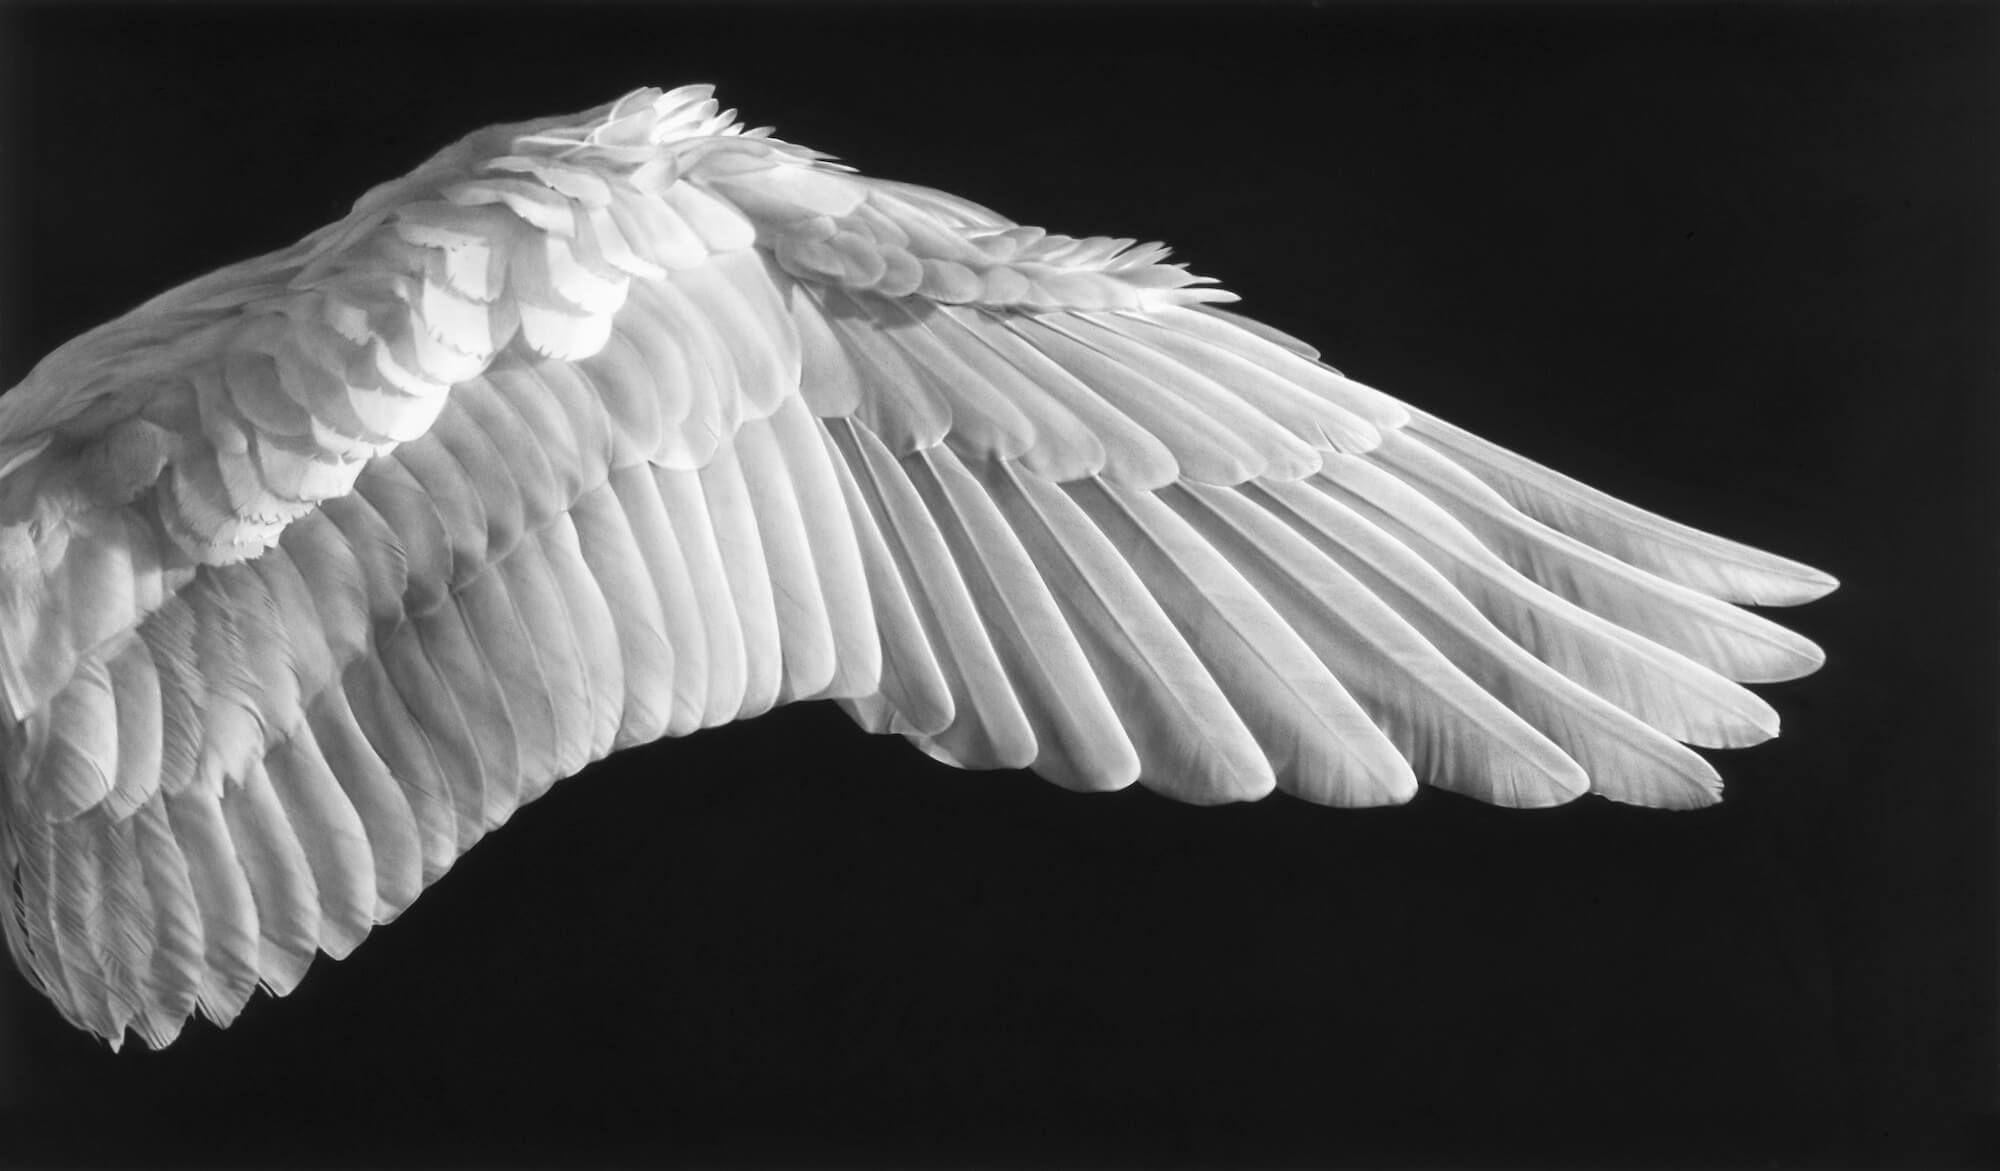 слоги крыло птицы фотографии это комплекс положительных